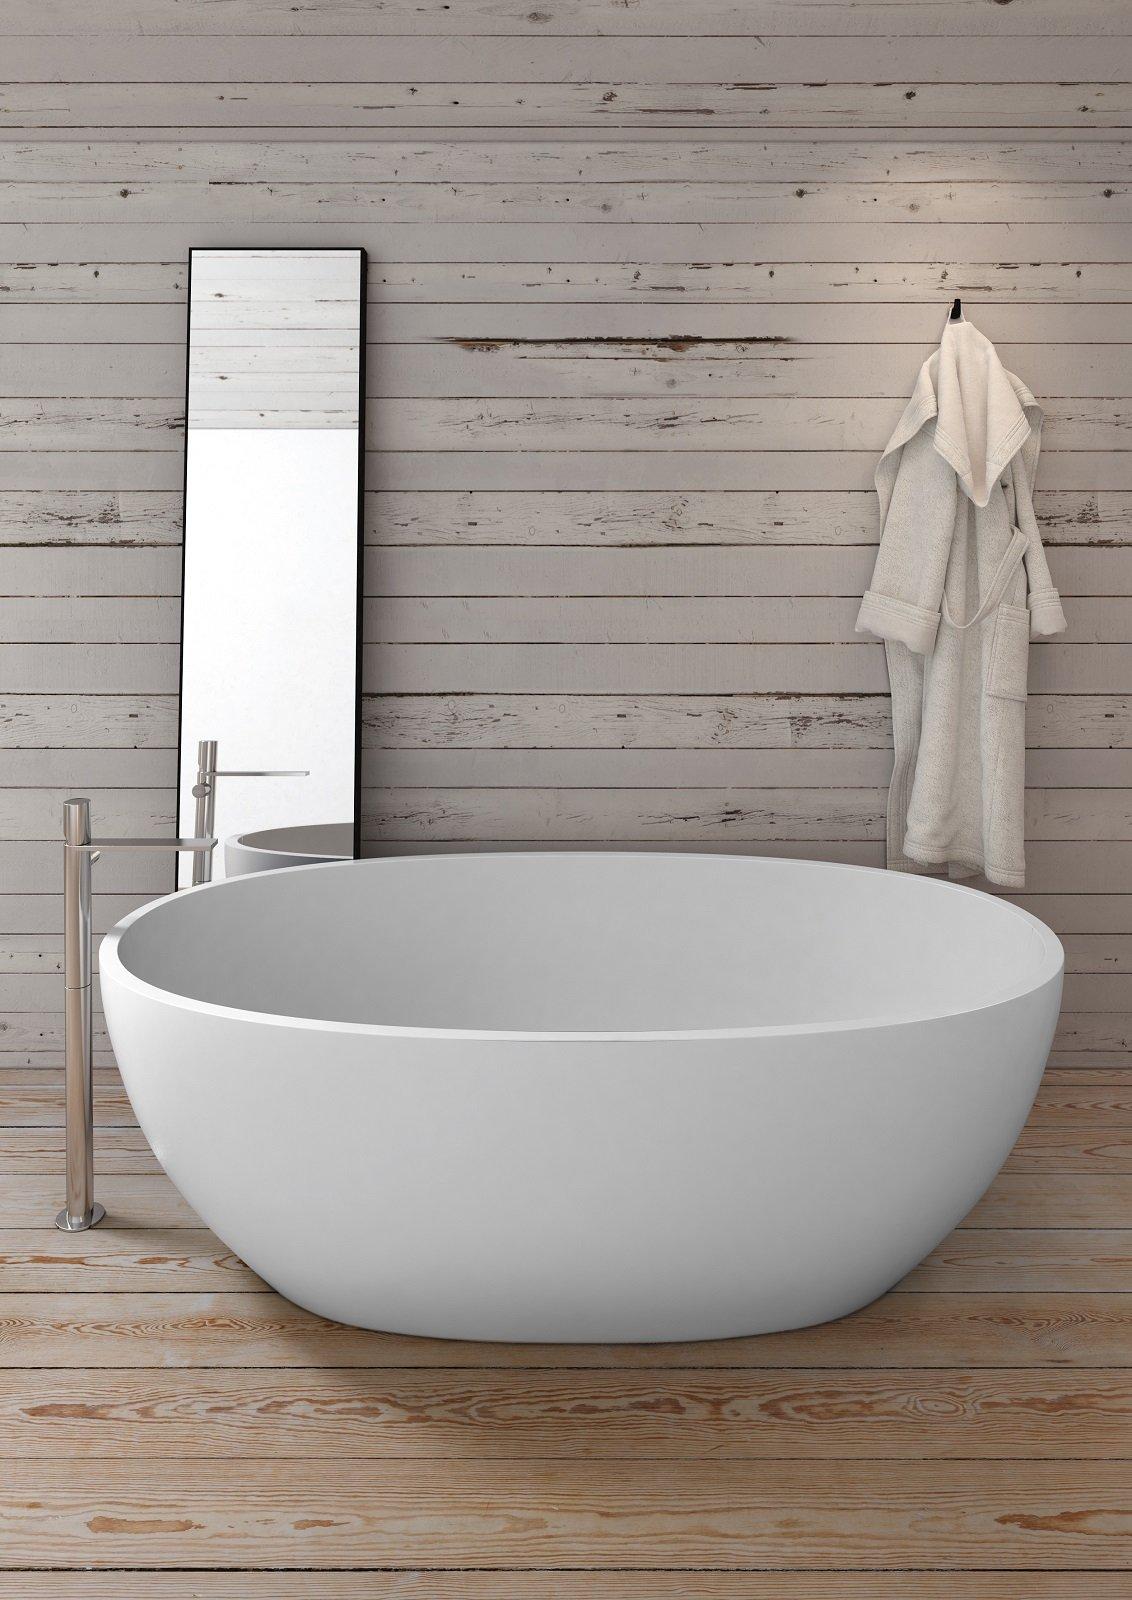 Da incasso o da libero posizionamento le vasche di misura standard si presentano in svariati - Vasche da bagno ideal standard prezzi ...